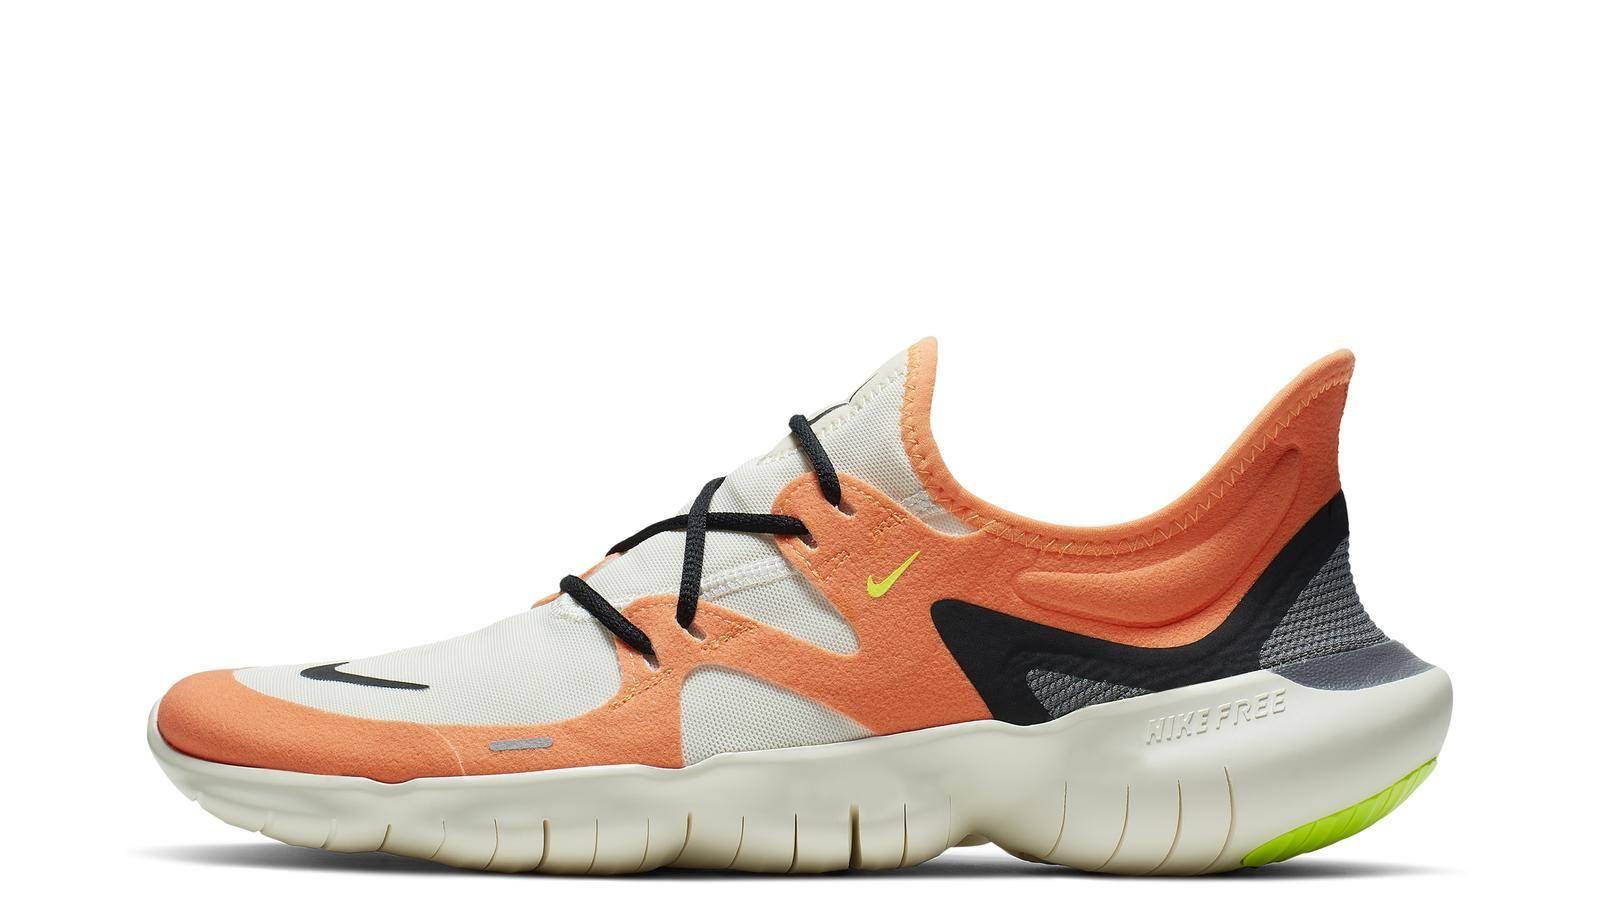 Nike Free Run Flyknit 3.0 and Nike Free Run 5.0 | Nike Shoe ...